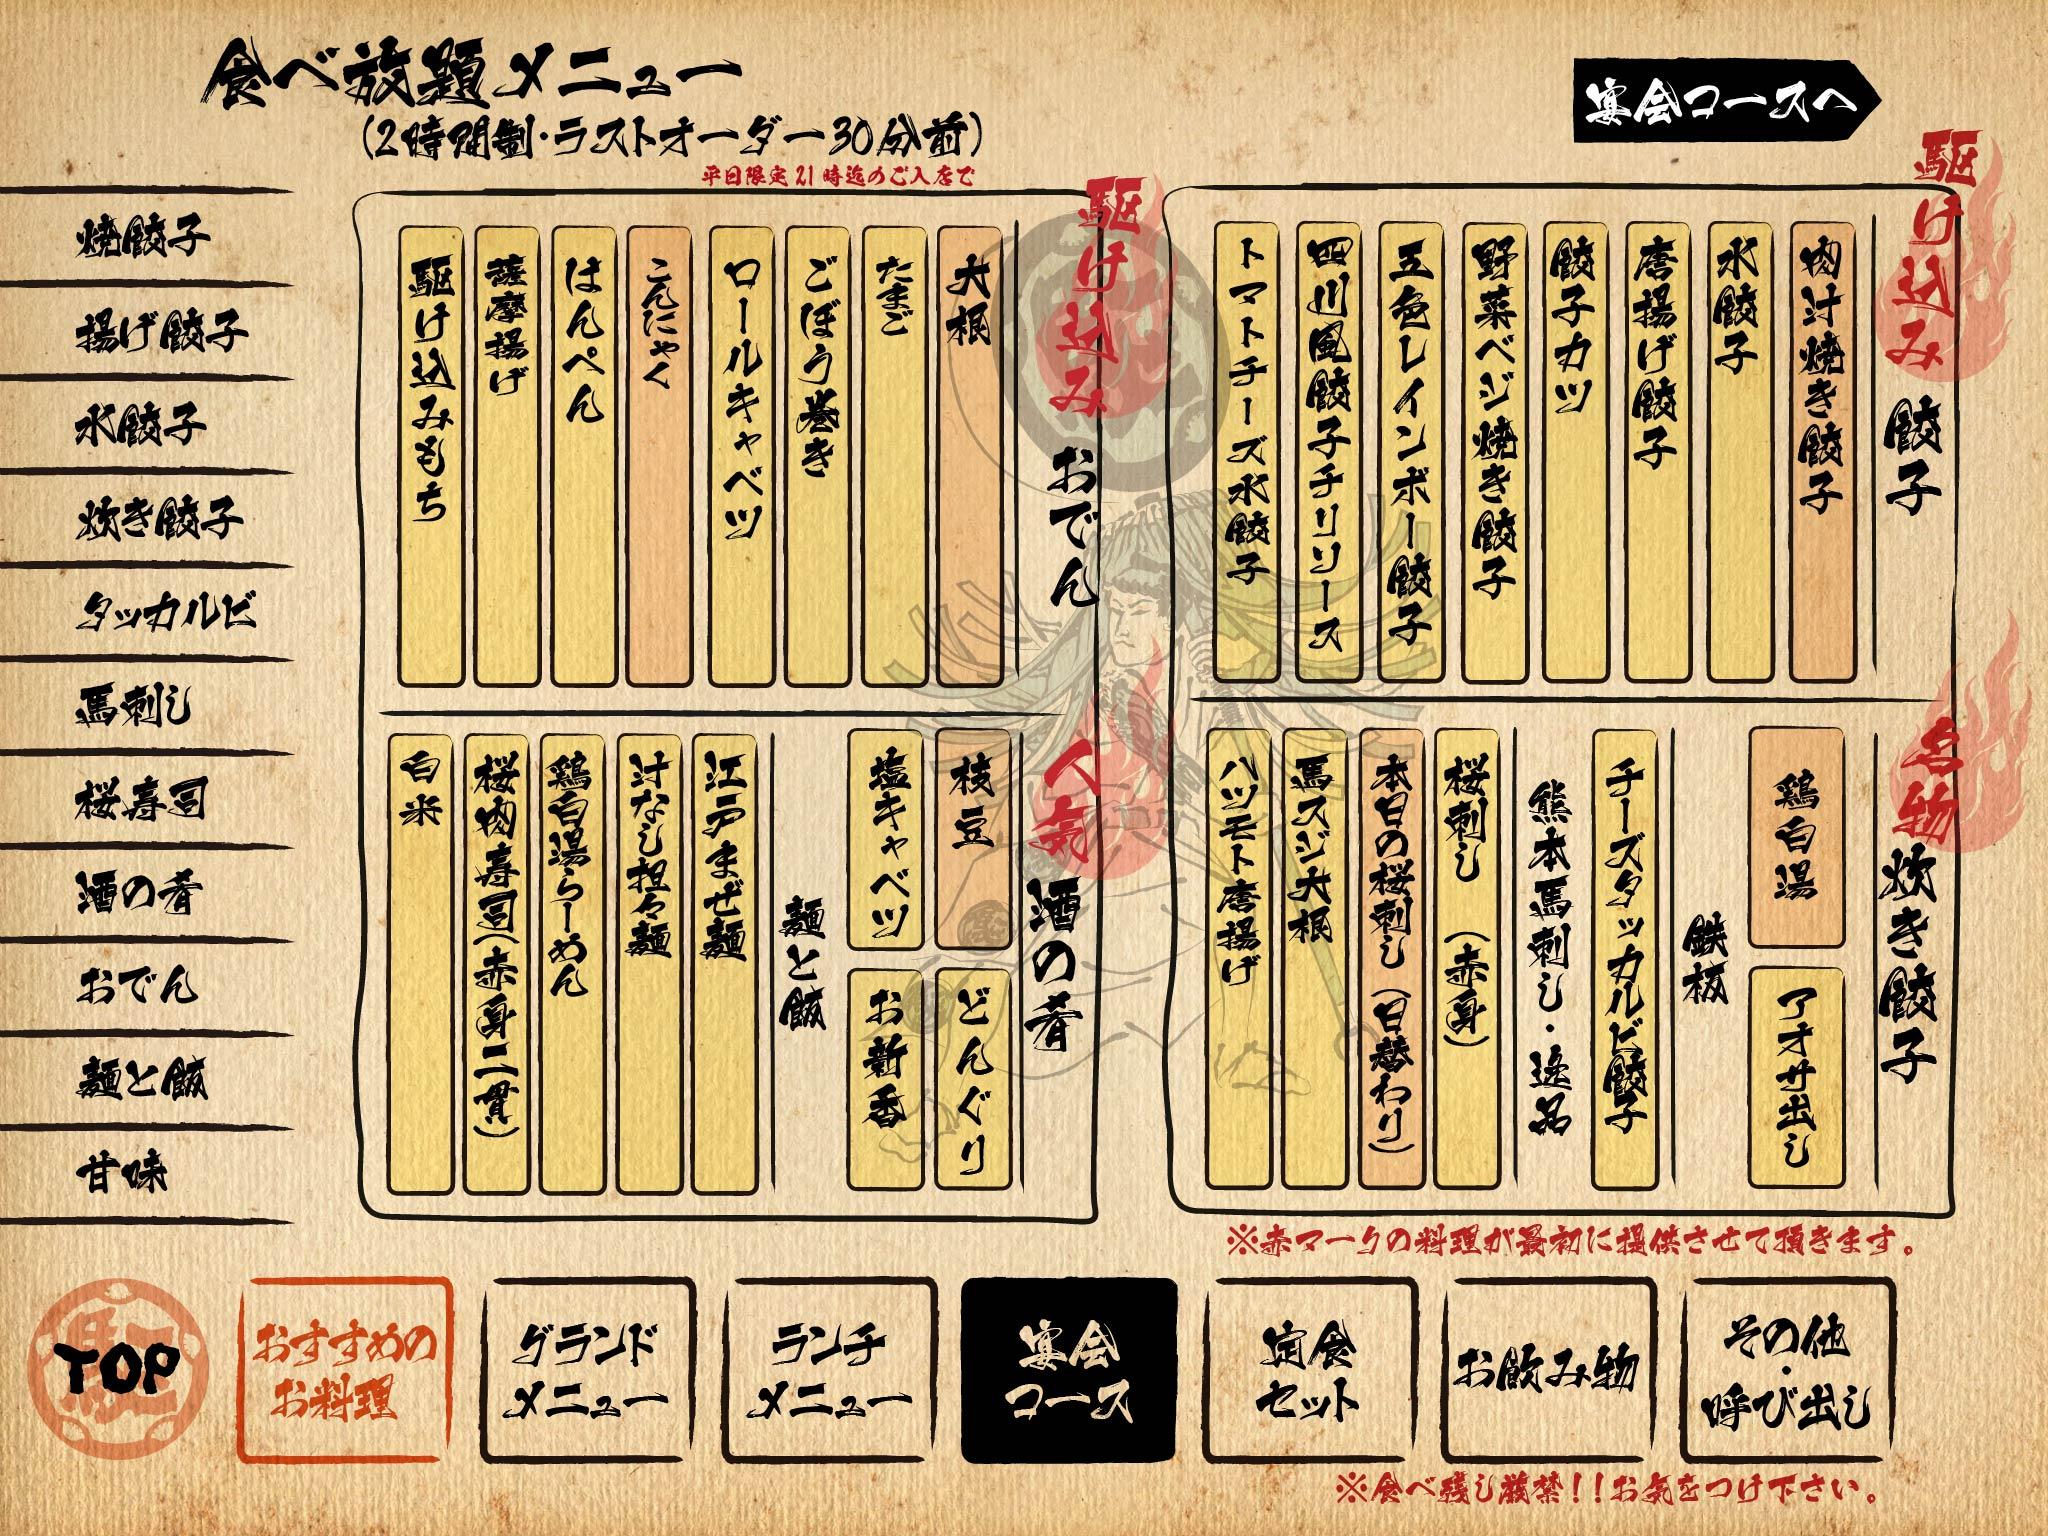 200921KBK-食べ放題-06